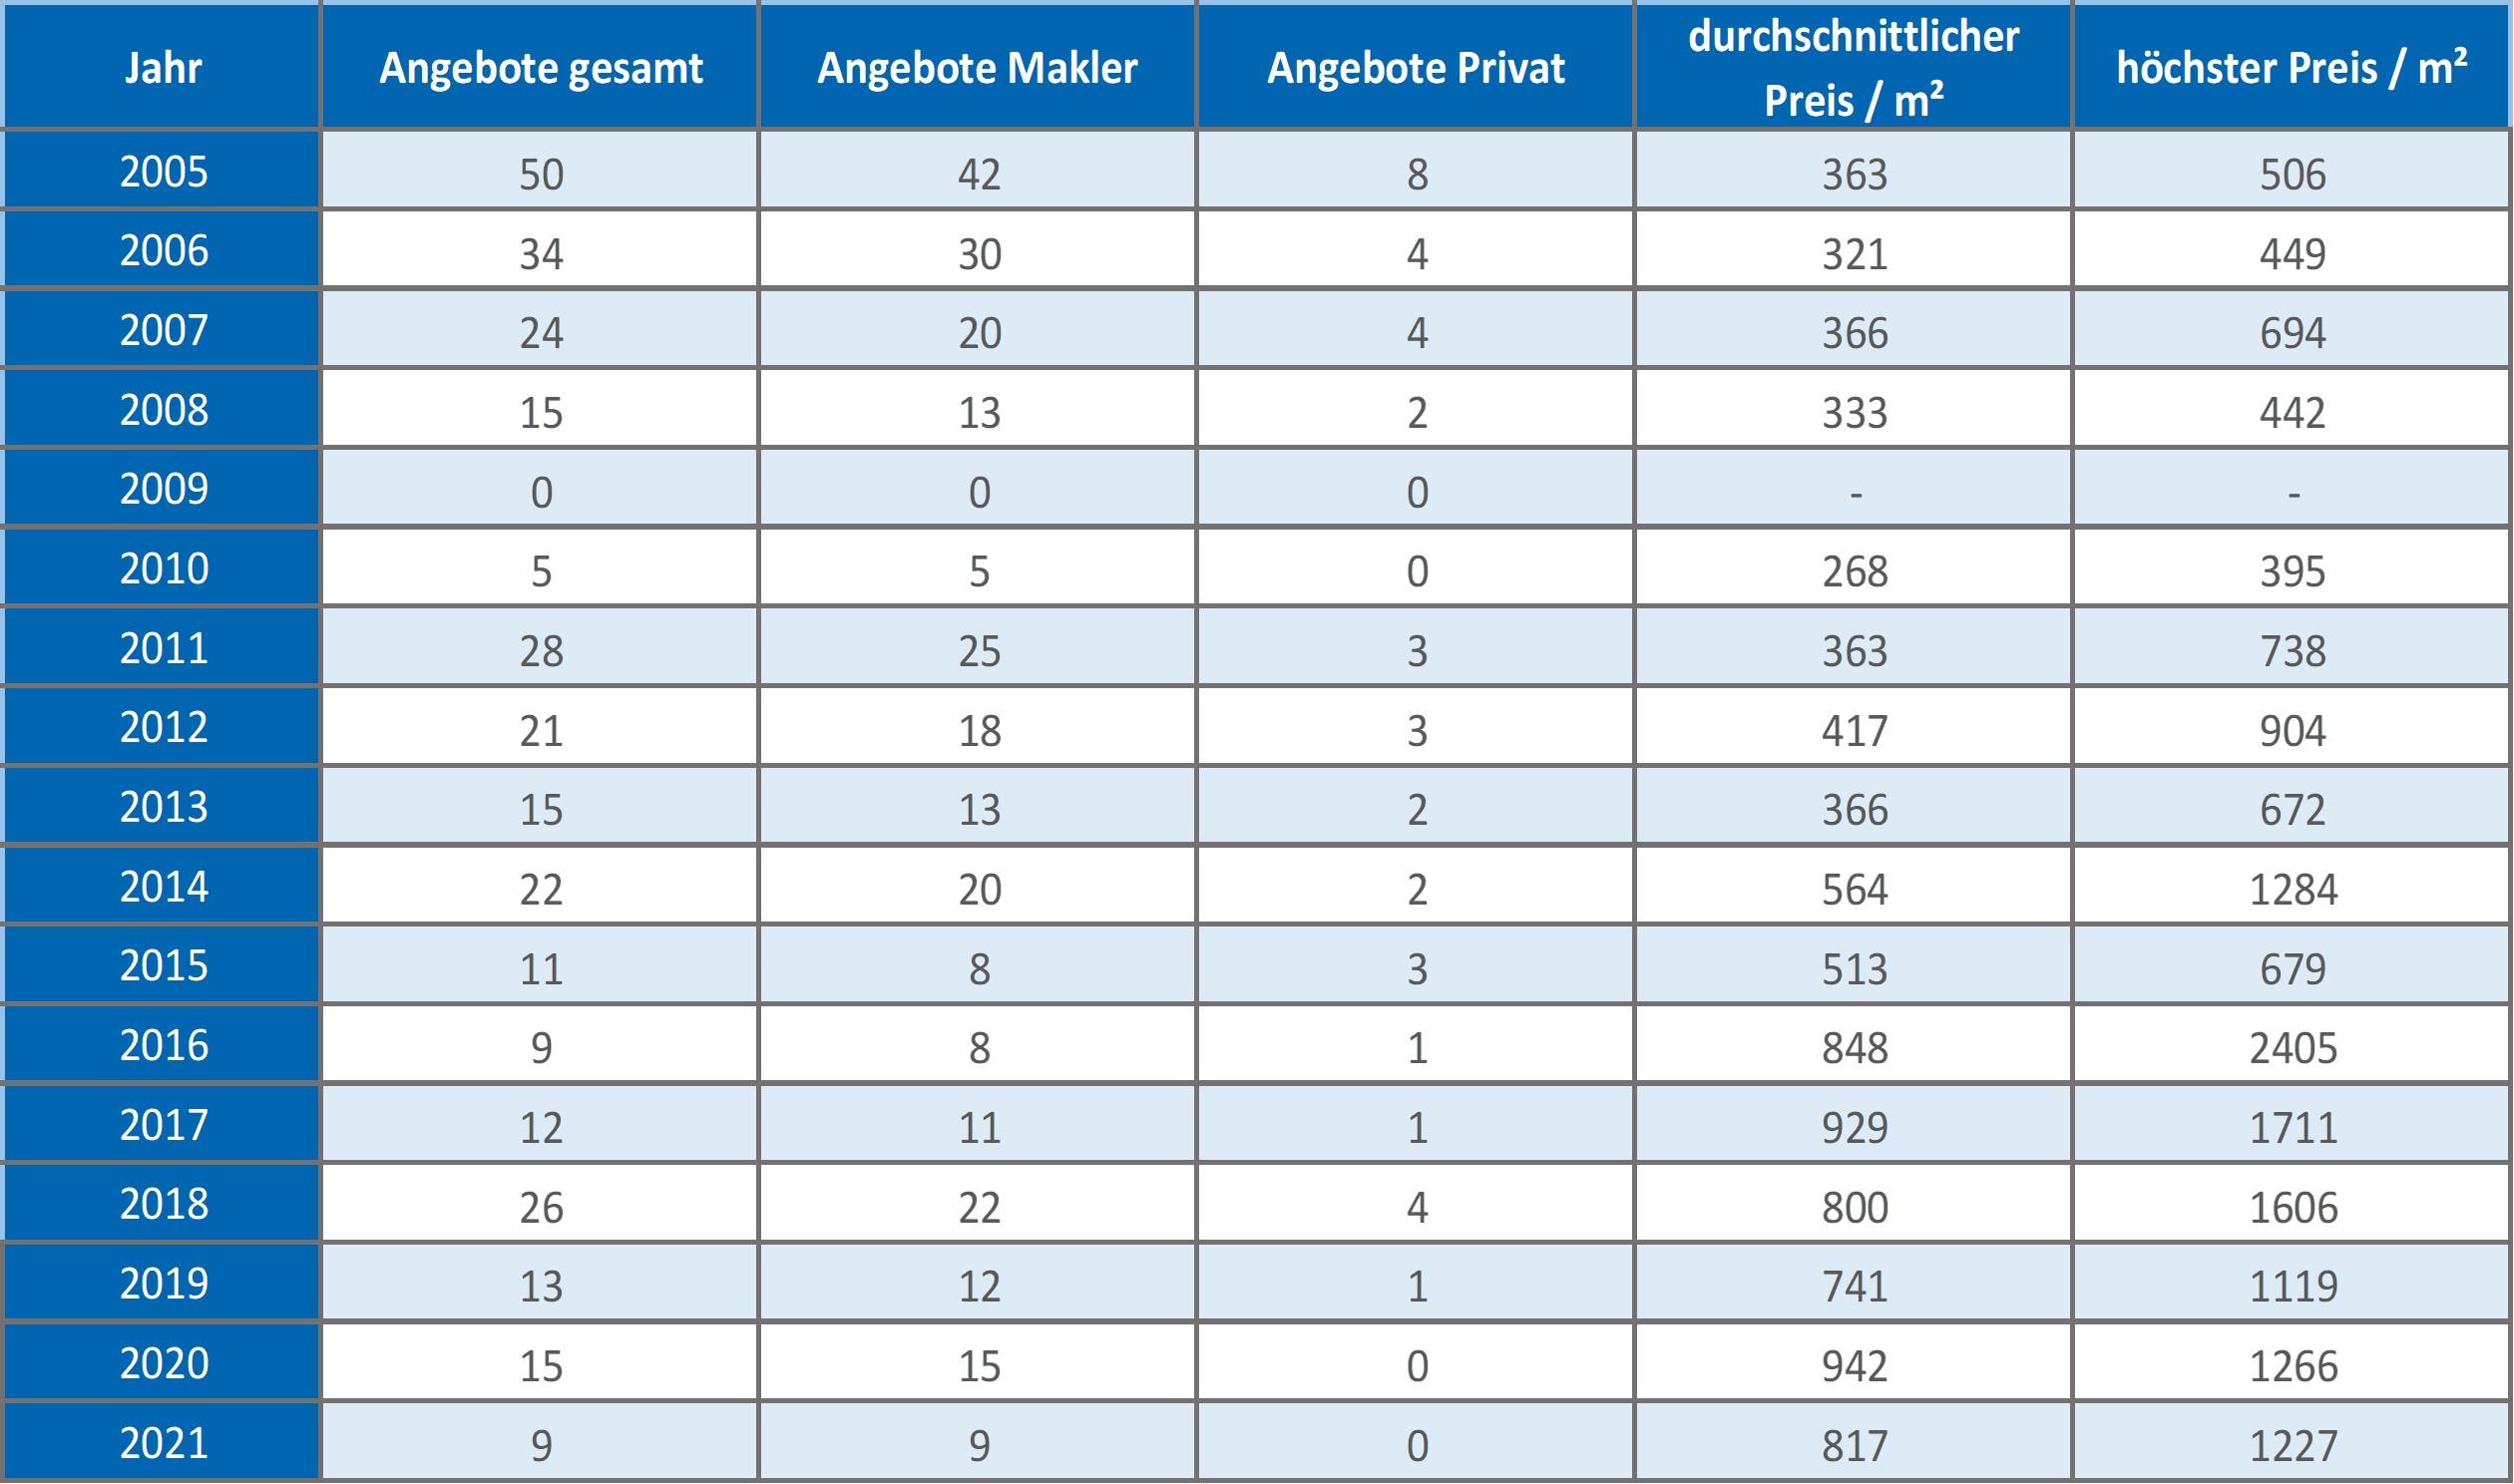 Bad Aibling Makler Grundstück Kaufen Verkaufen Preis Bewertung 2019, 2020, 2021